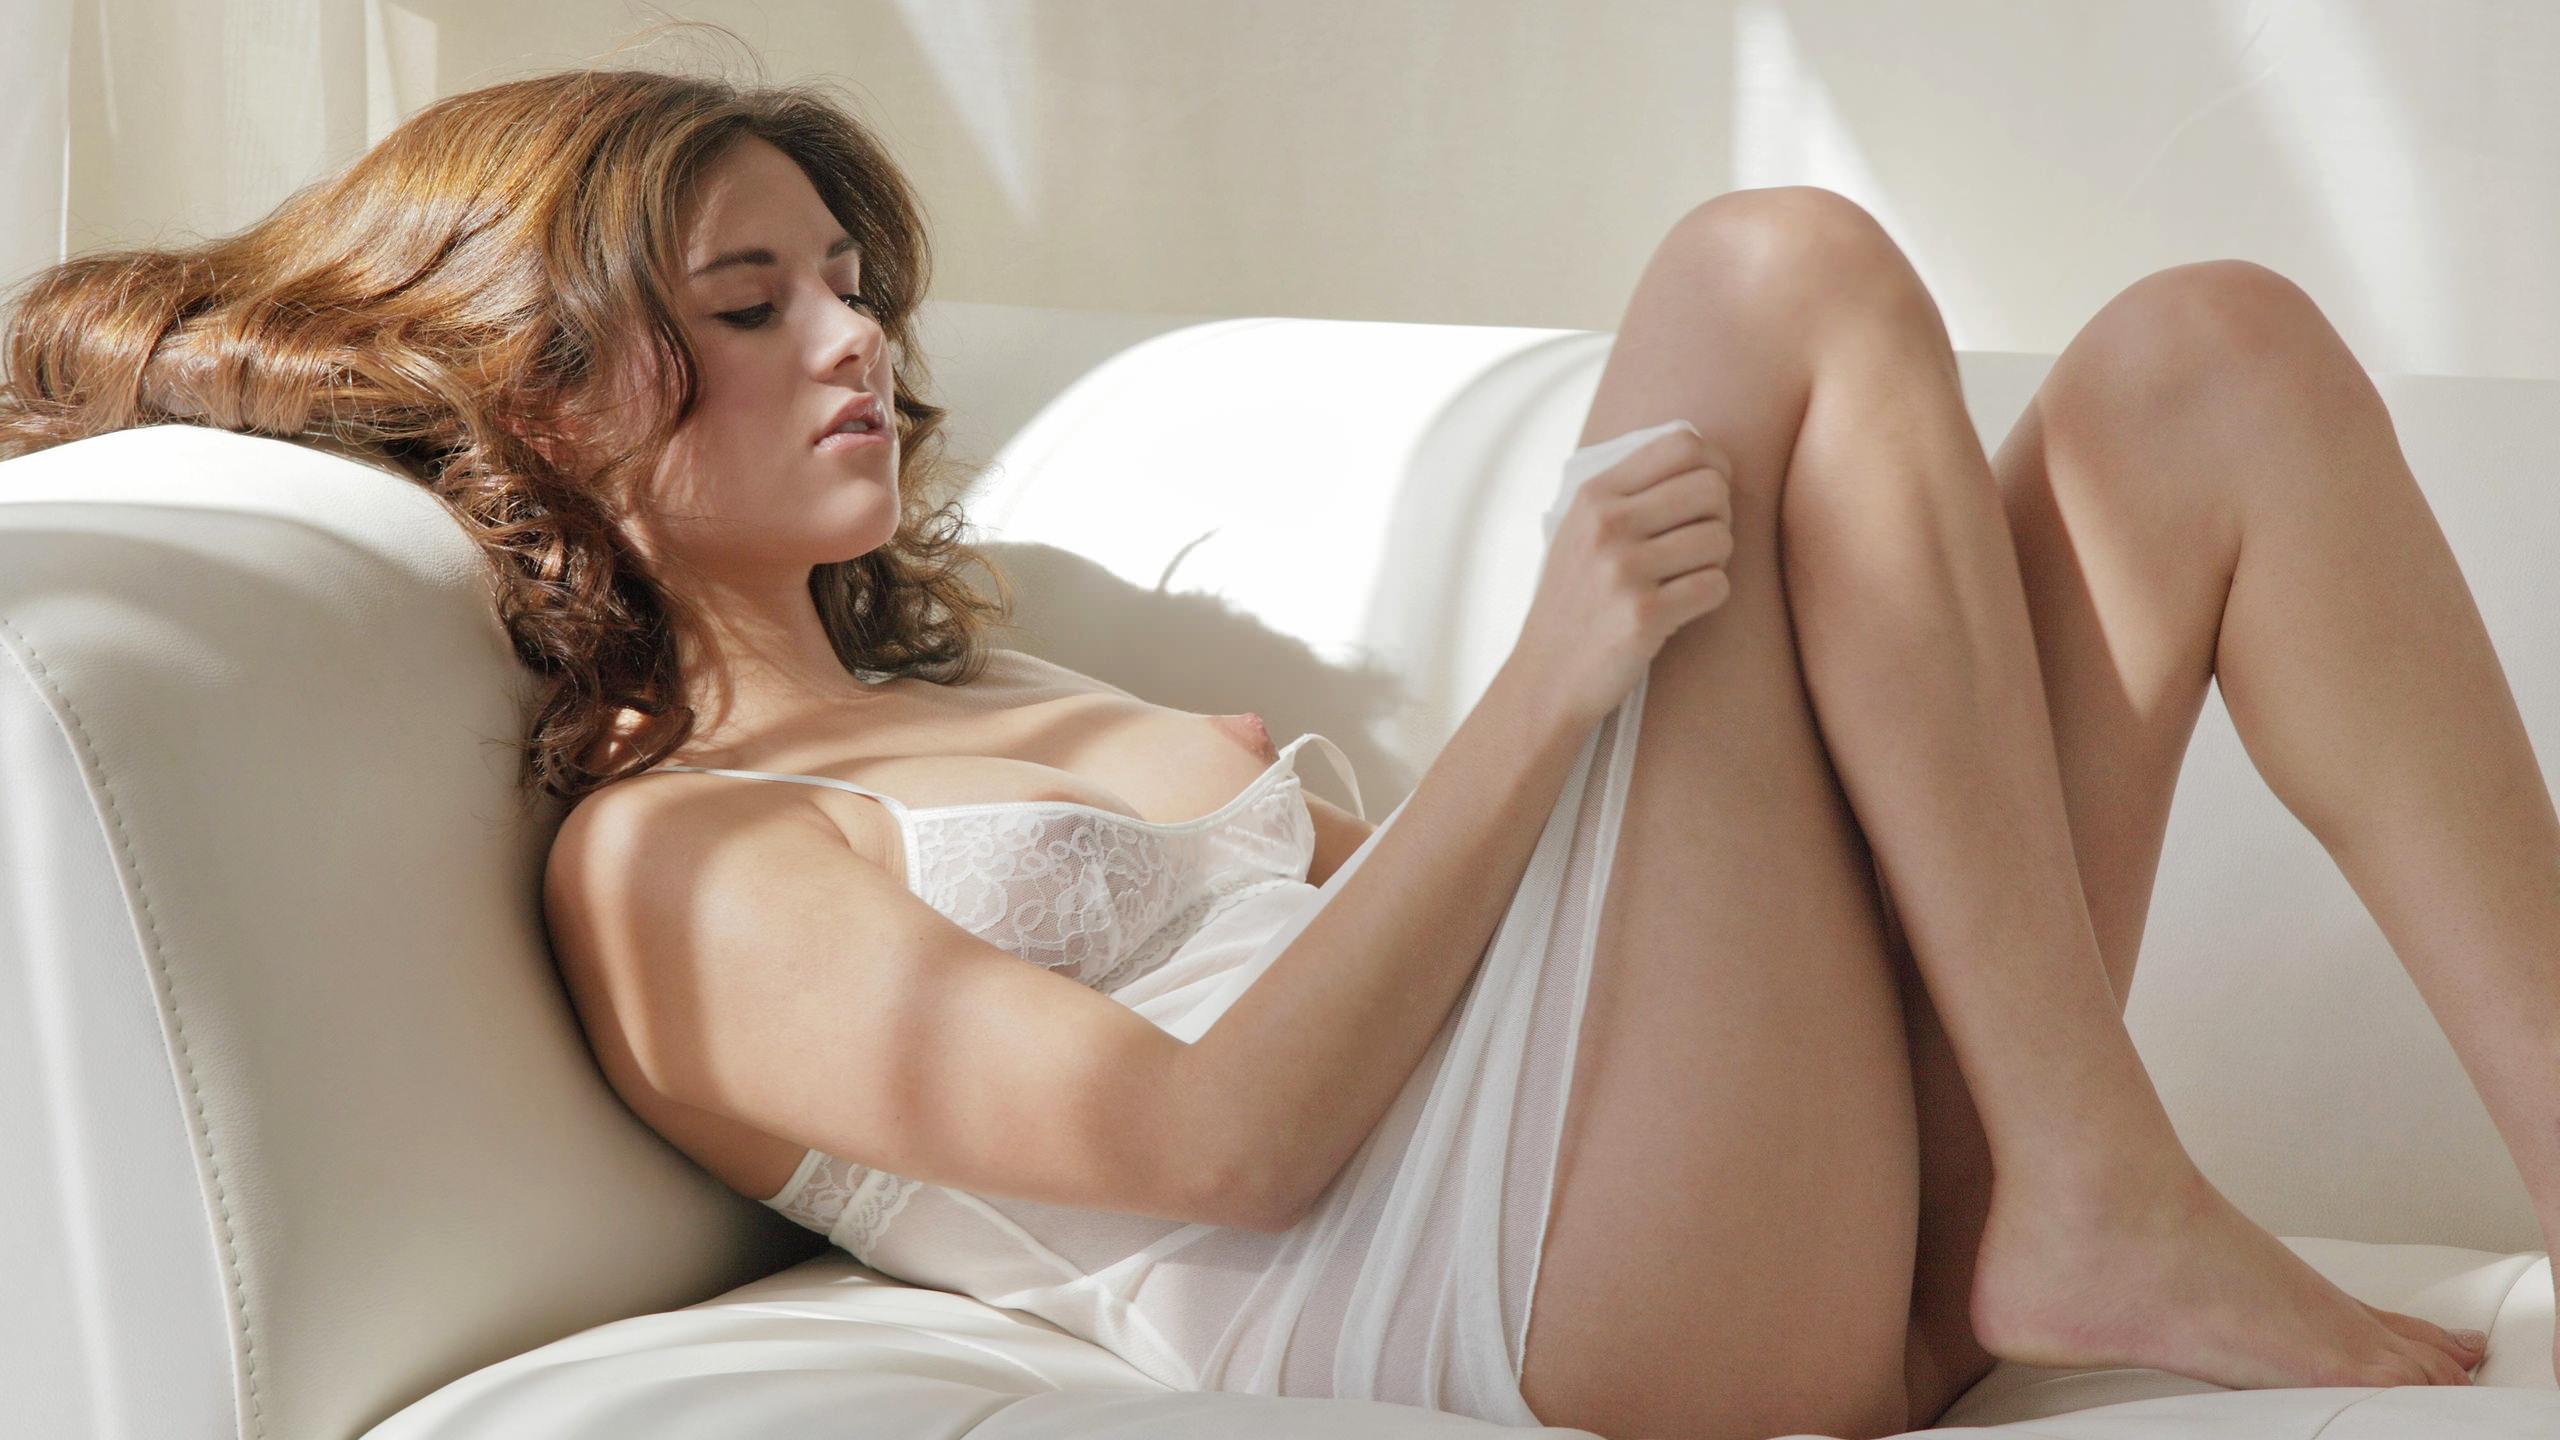 Смотреть фото голых девушек в ночнушках 7 фотография